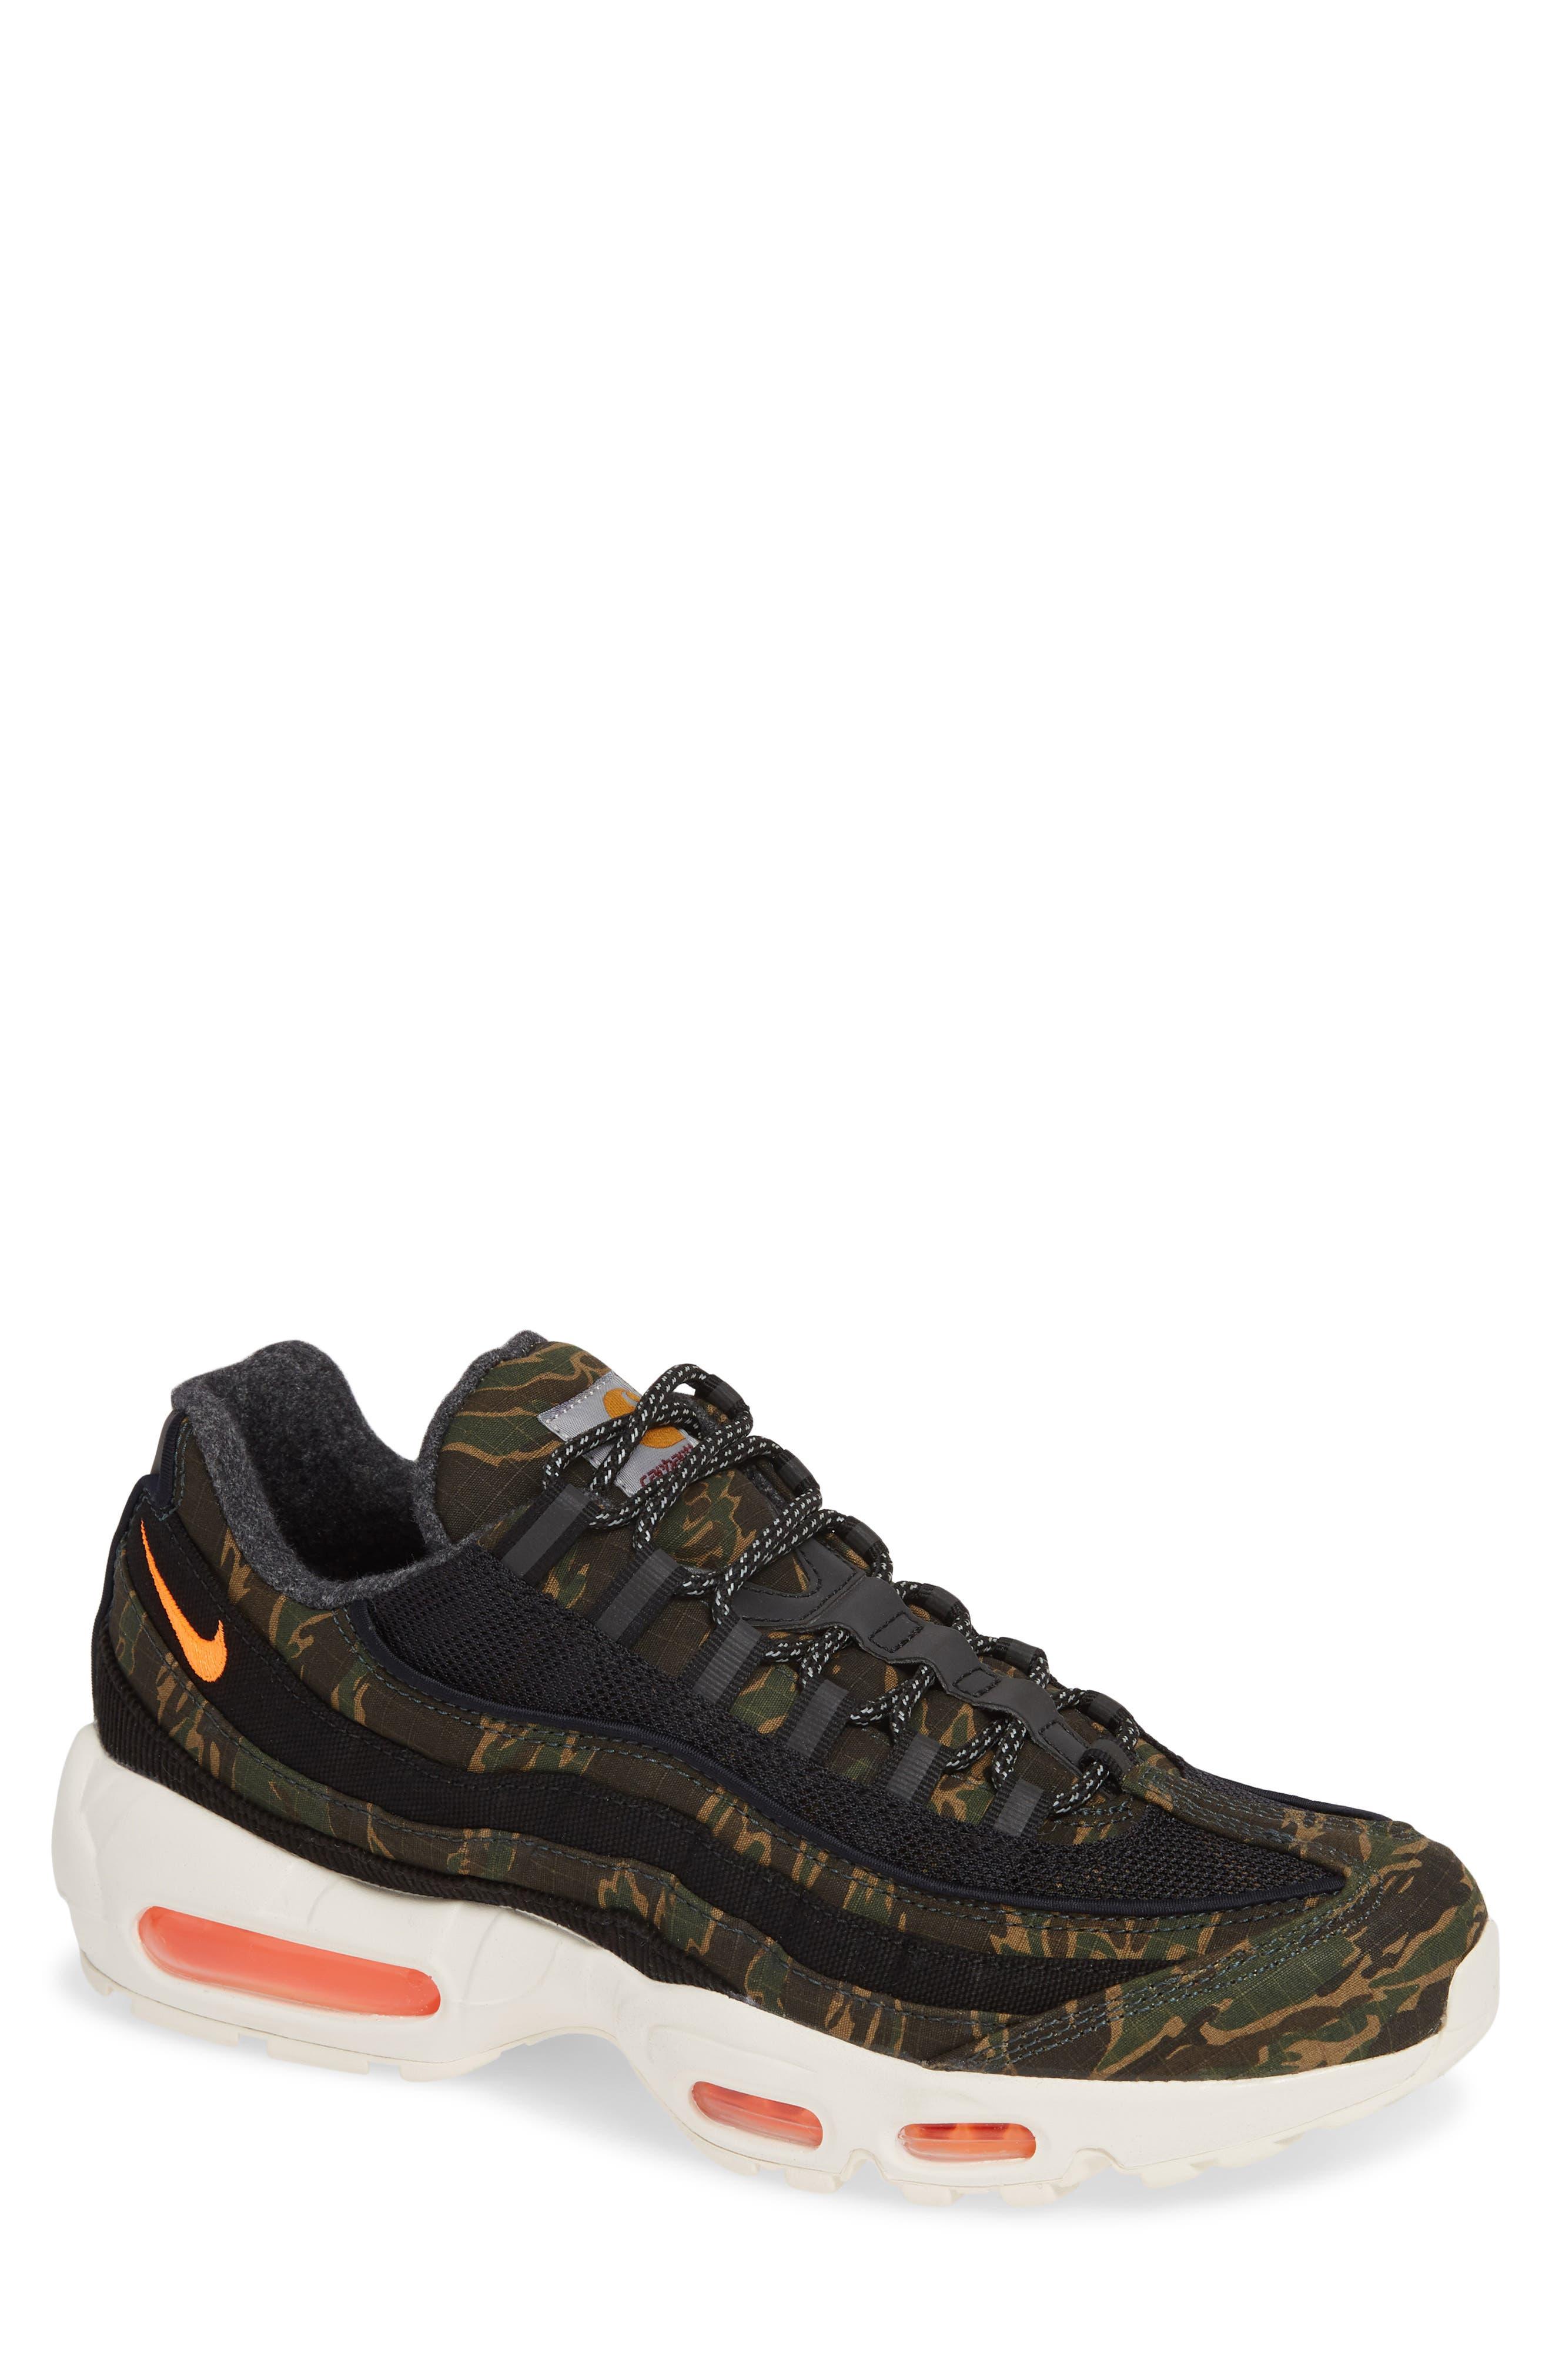 NIKE x Carhartt Air Max 95 WIP Sneaker, Main, color, 001